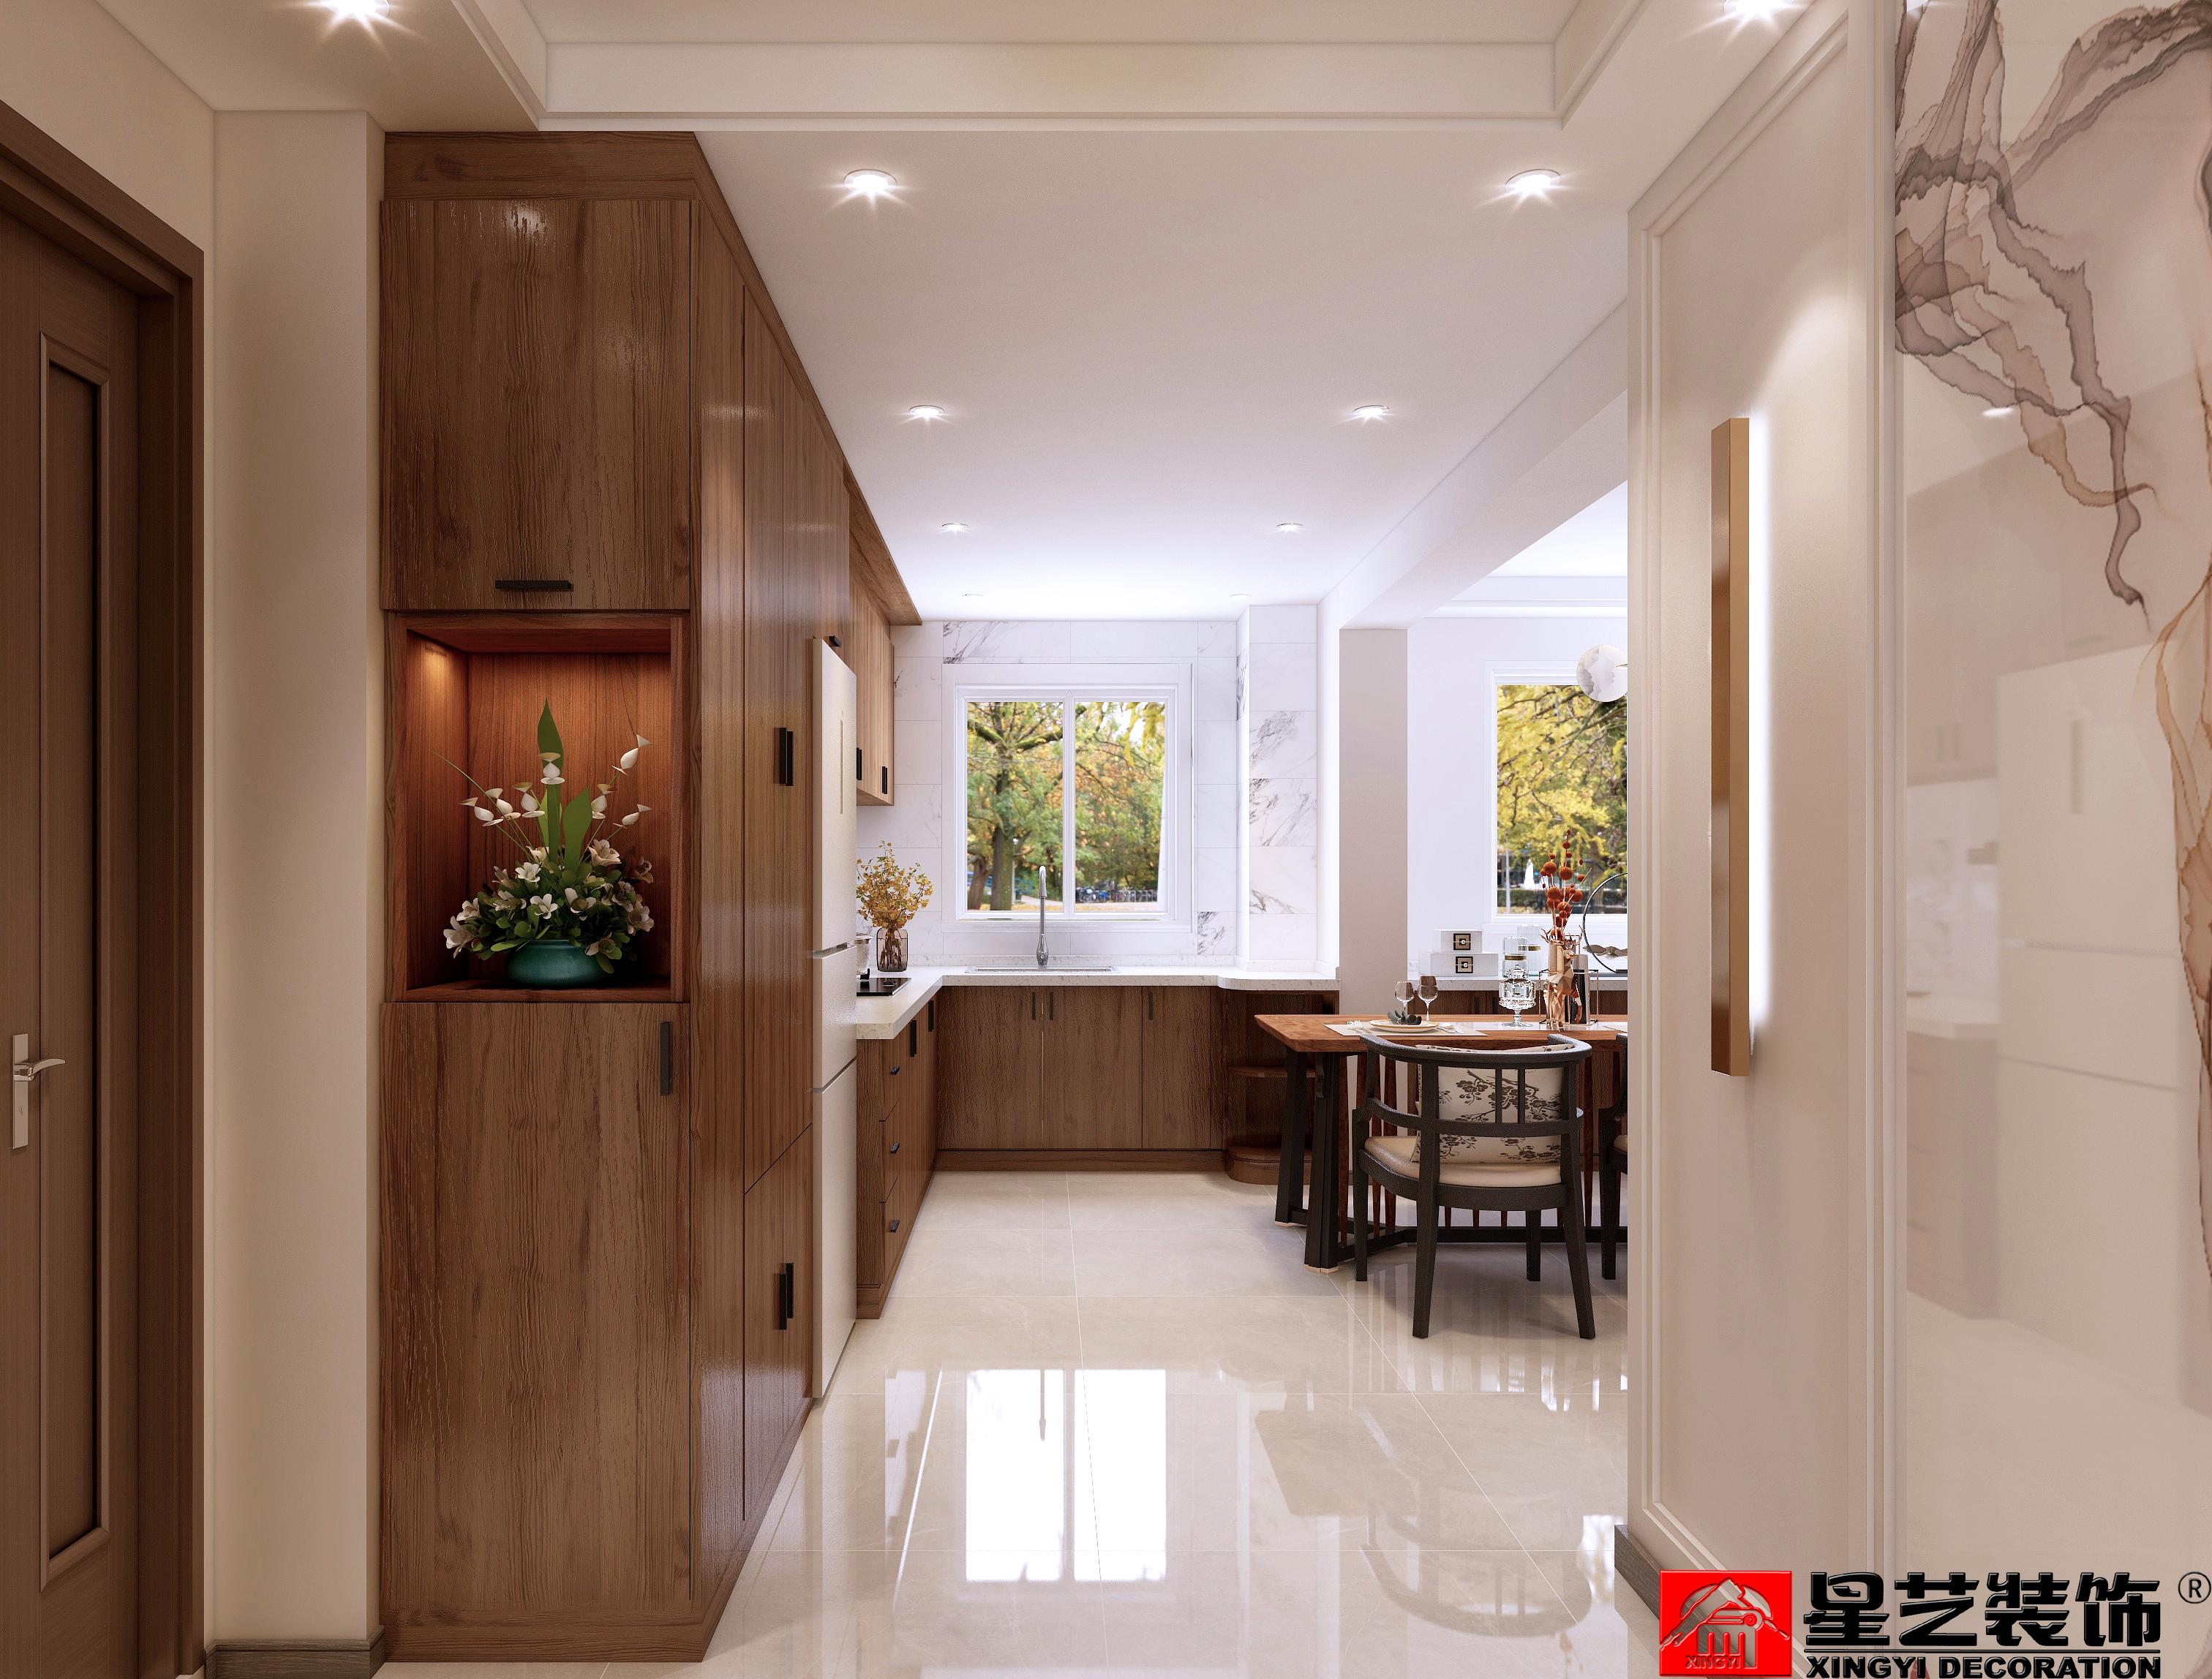 中冶蓝城三期,中式,一居室,74.0㎡